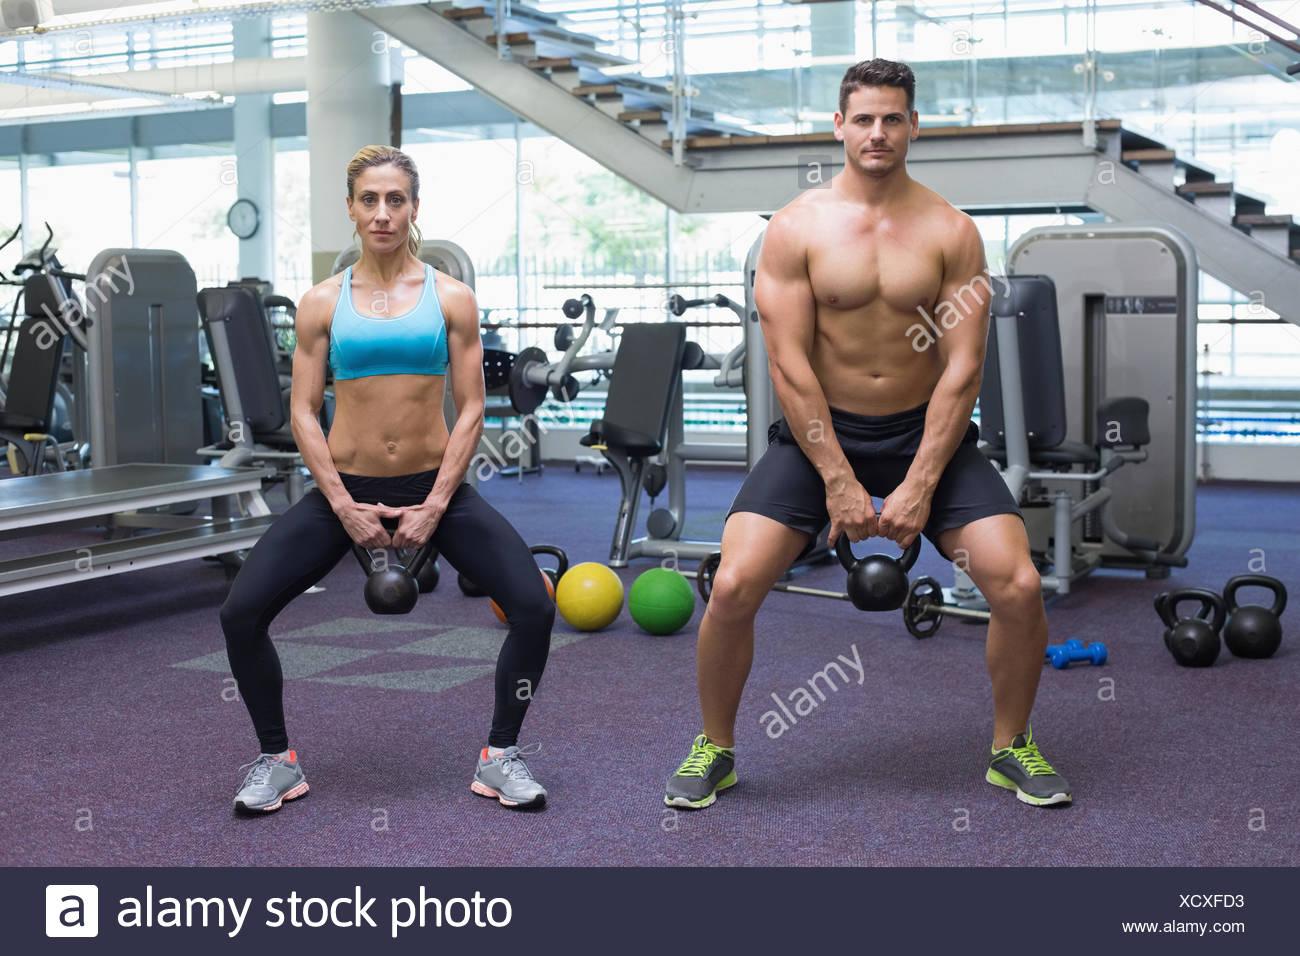 Bodybuilding-Mann und Frau heben Kettlebells in einem besetzten Haus Stockbild